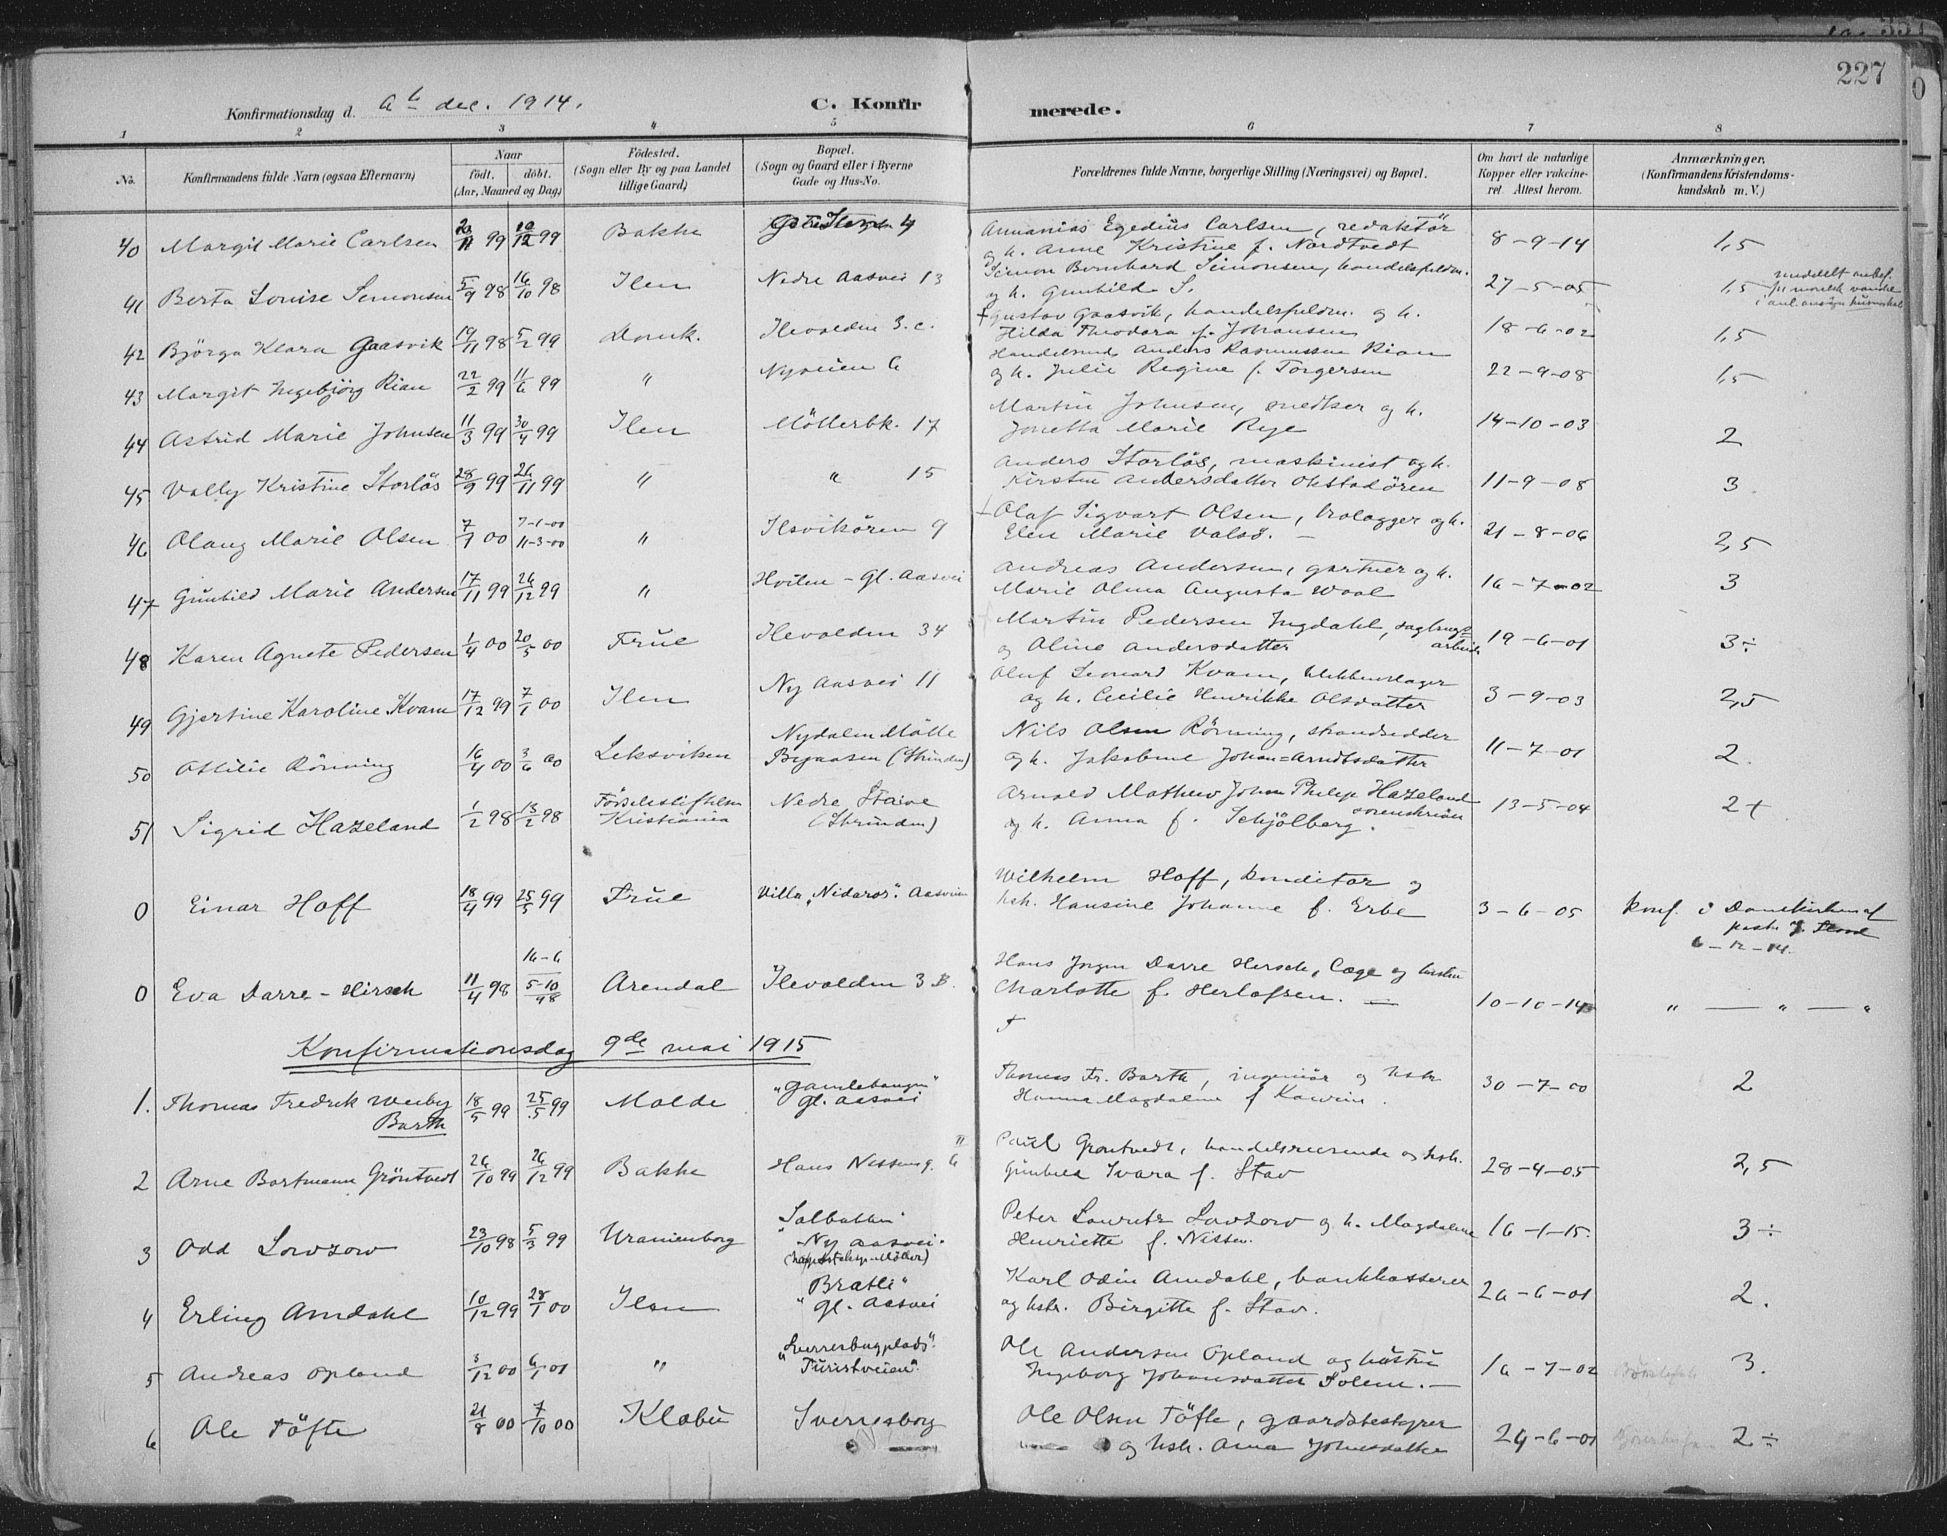 SAT, Ministerialprotokoller, klokkerbøker og fødselsregistre - Sør-Trøndelag, 603/L0167: Ministerialbok nr. 603A06, 1896-1932, s. 227